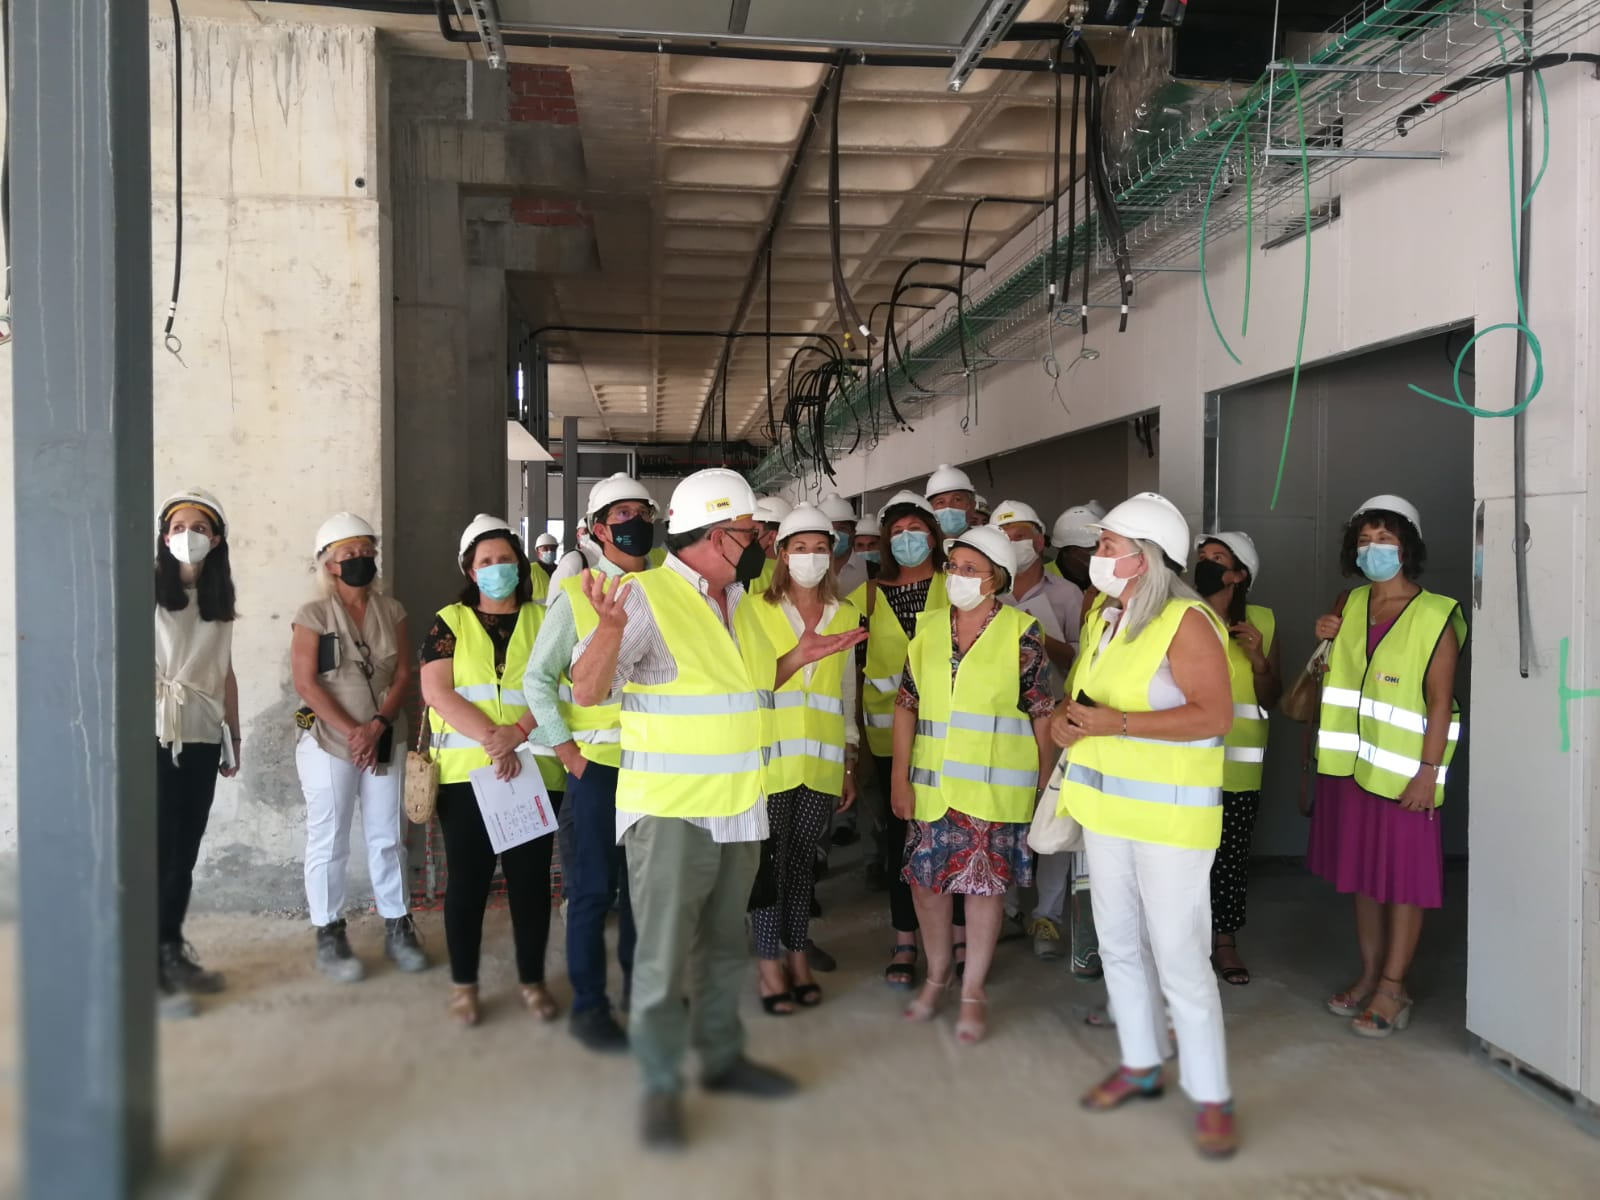 El d'Ontinyent serà el primer hospital adaptat a la COVID-19 El Periòdic d'Ontinyent - Noticies a Ontinyent